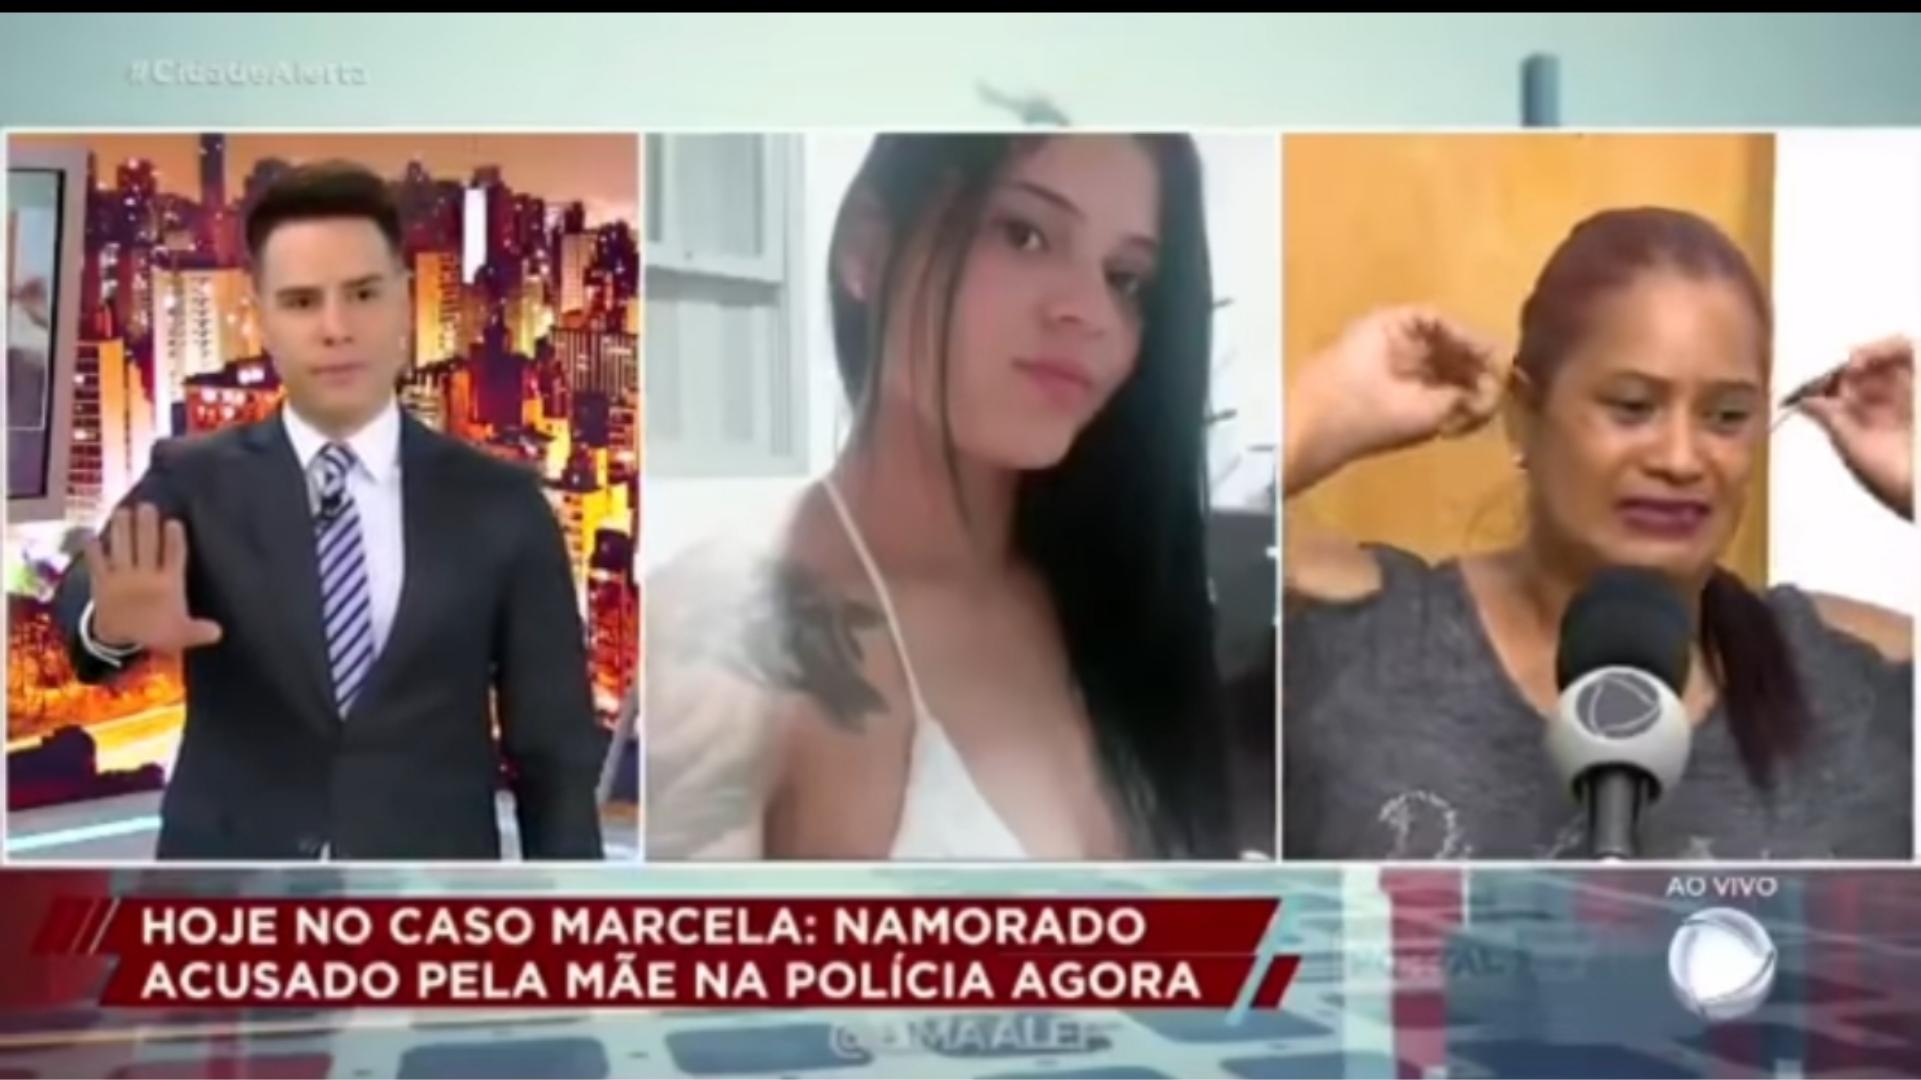 Bacci informa mãe que a filha desaparecida está morta e mulher desmaia ao vivo